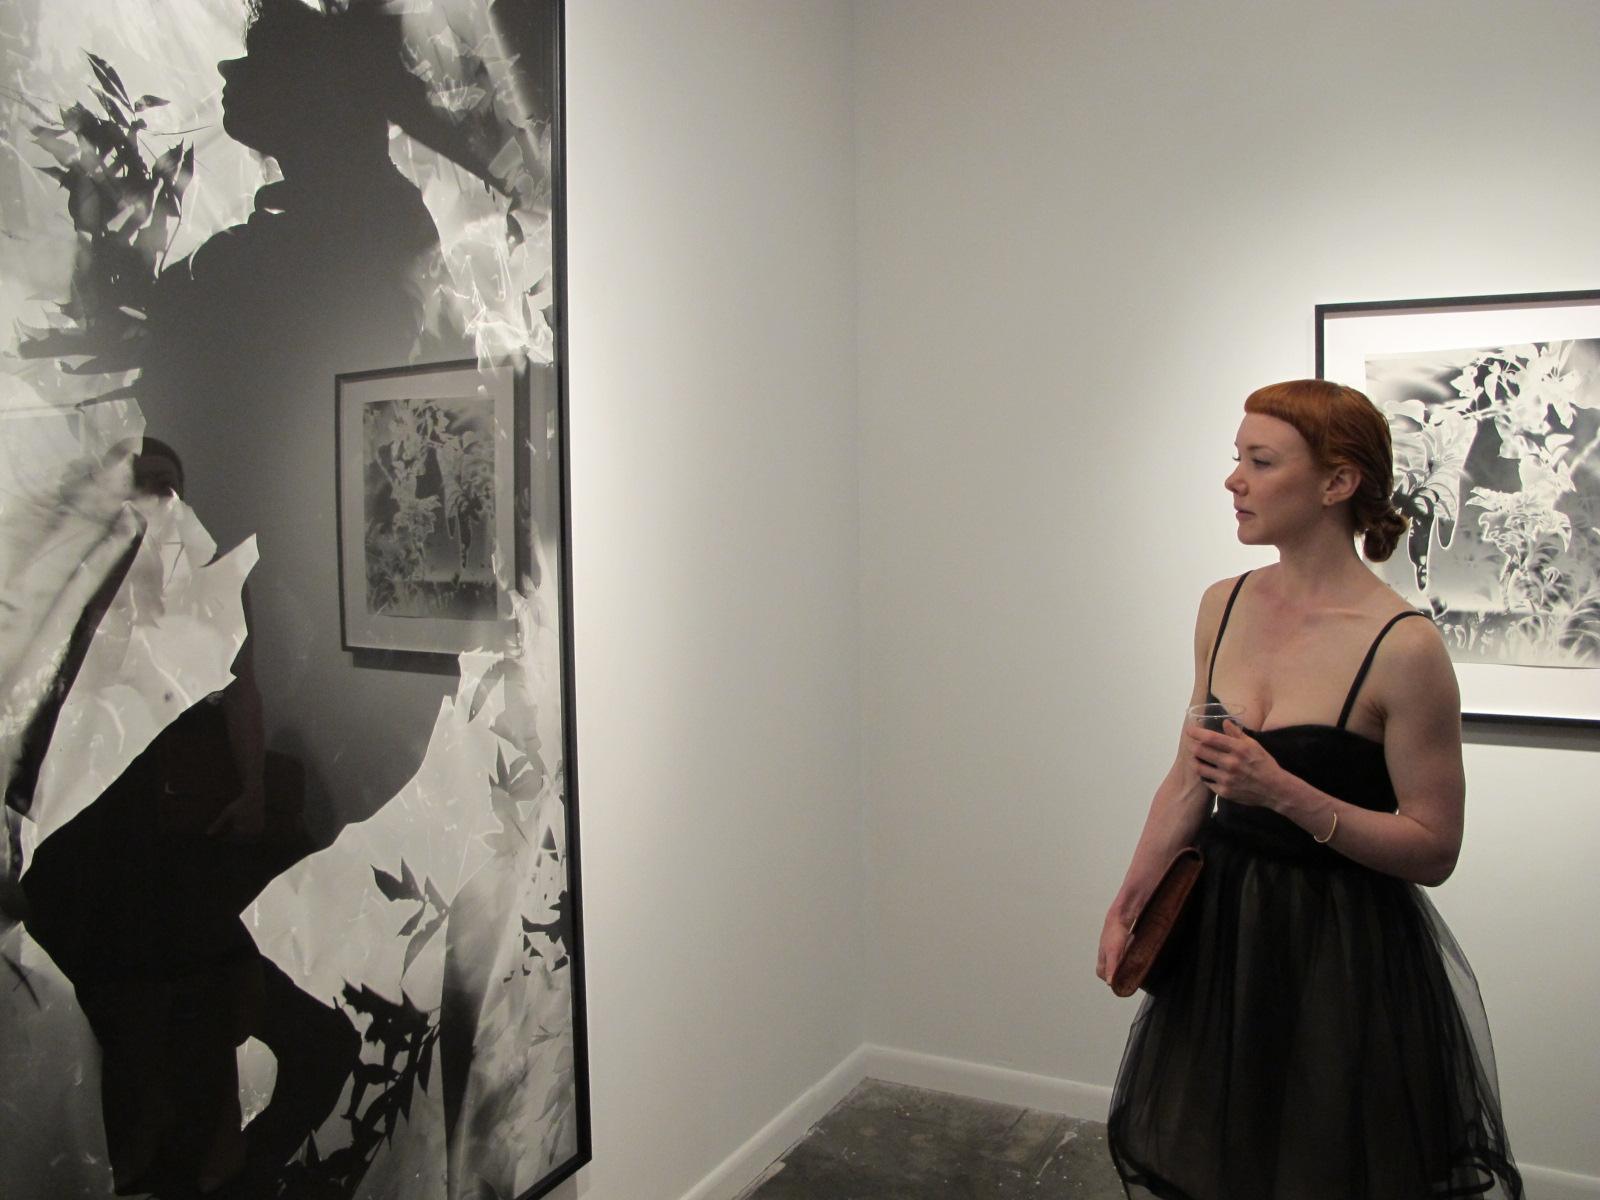 Viewing a Unique exhibition at Von Lintel Gallery